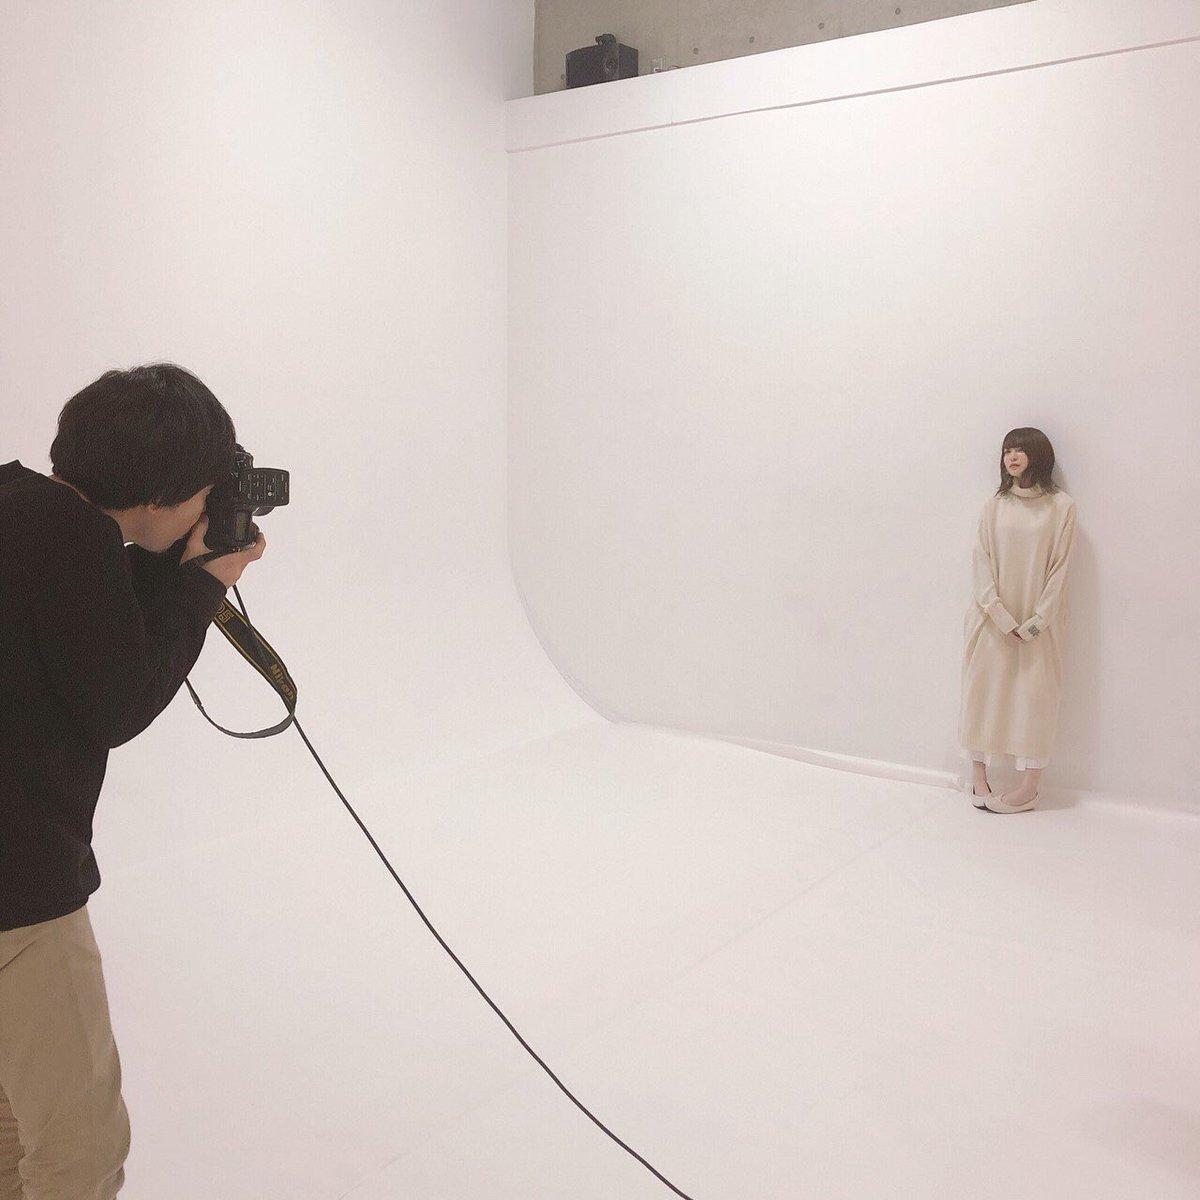 先日公開いたしました新アーティスト写真の撮影風景をお届けします。#上田麗奈 #Empathy